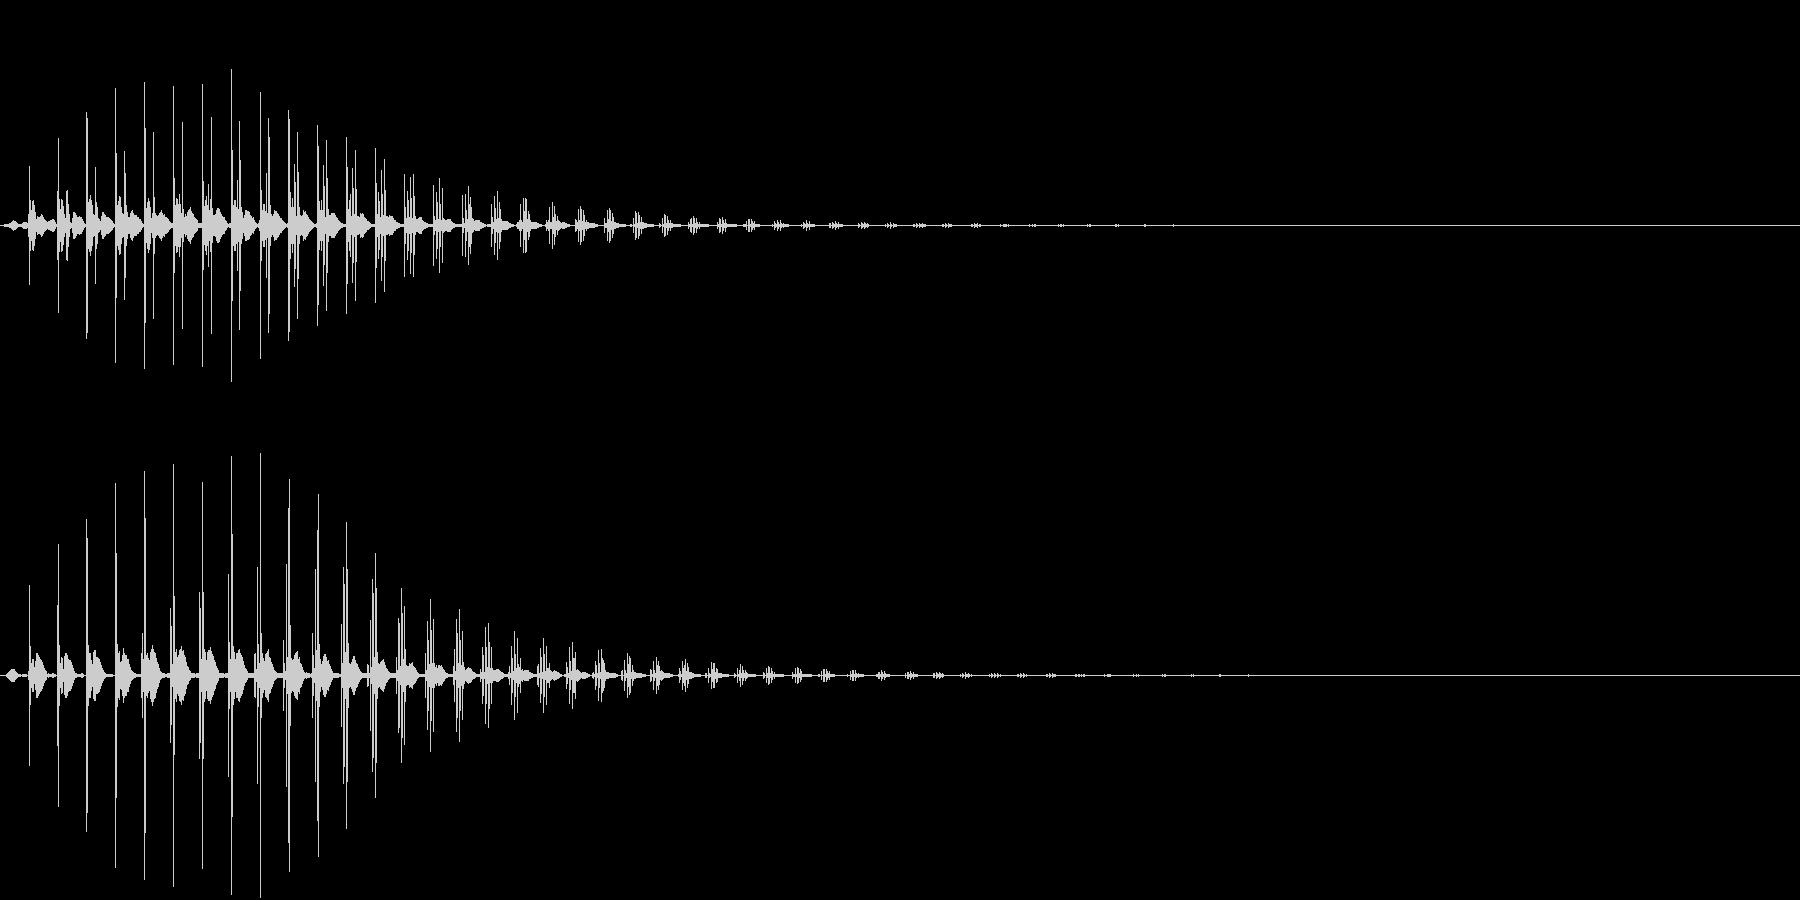 SF CinemaFX 未来の機械音の未再生の波形